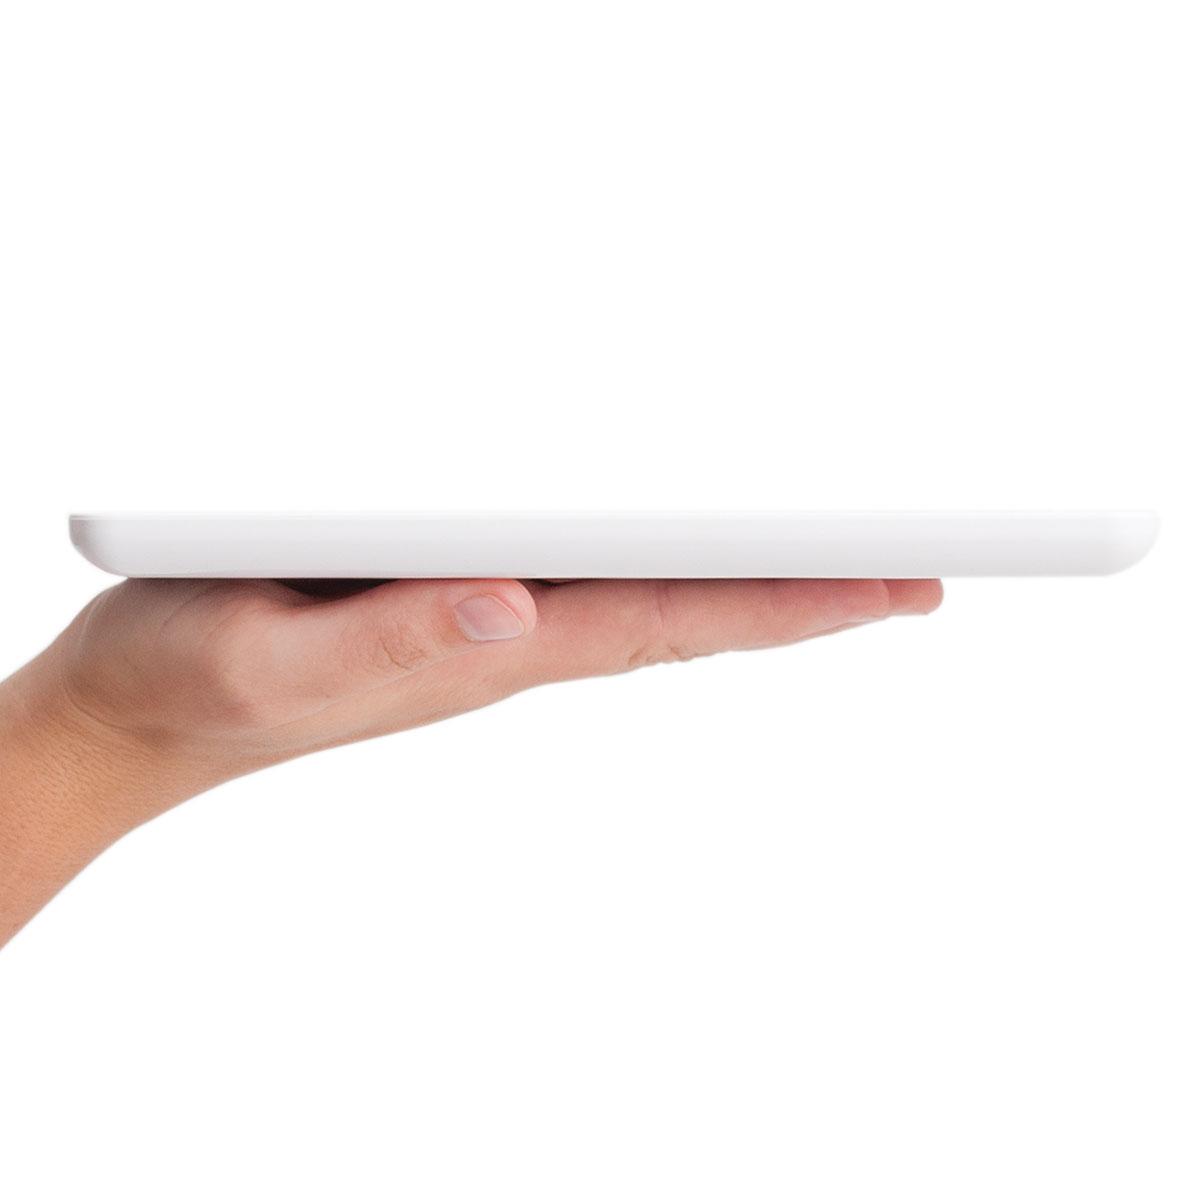 edge thin pH meter handheld